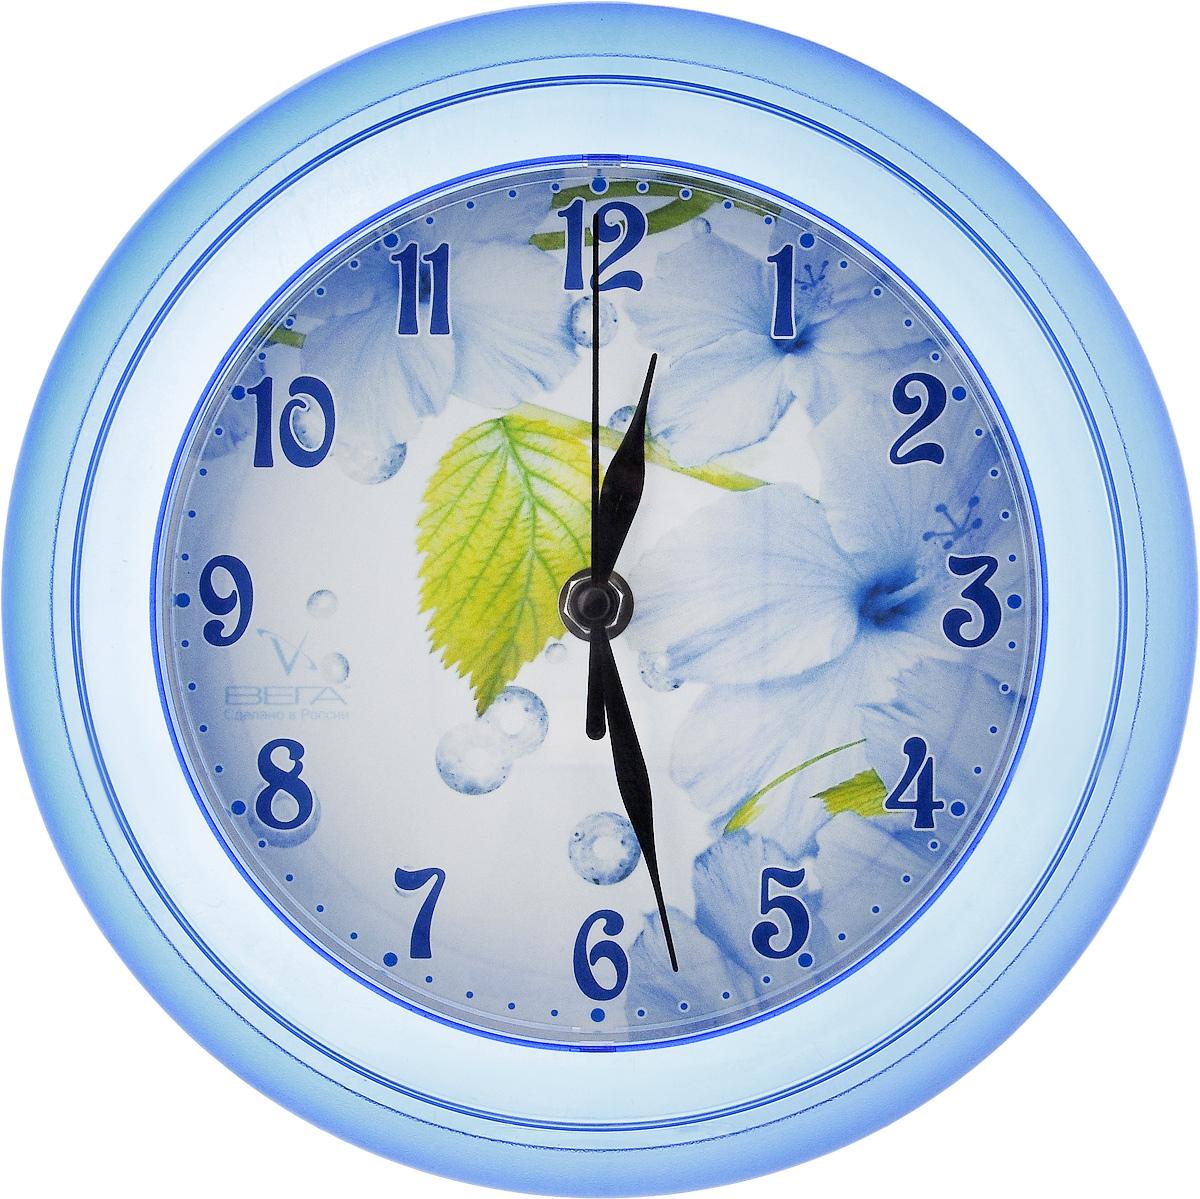 Часы настенные Вега Листок, диаметр 22,5 смП6-4-3Настенные кварцевые часы Вега Листок в классическом дизайне,изготовленные из пластика, прекрасно впишутся в интерьервашего дома. Круглые часы имеют три стрелки: часовую,минутную и секундную, циферблат защищен прозрачнымстеклом.Часы работают от 1 батарейки типа АА напряжением 1,5 В (не входит в комплект).Диаметр часов: 22,5 см.